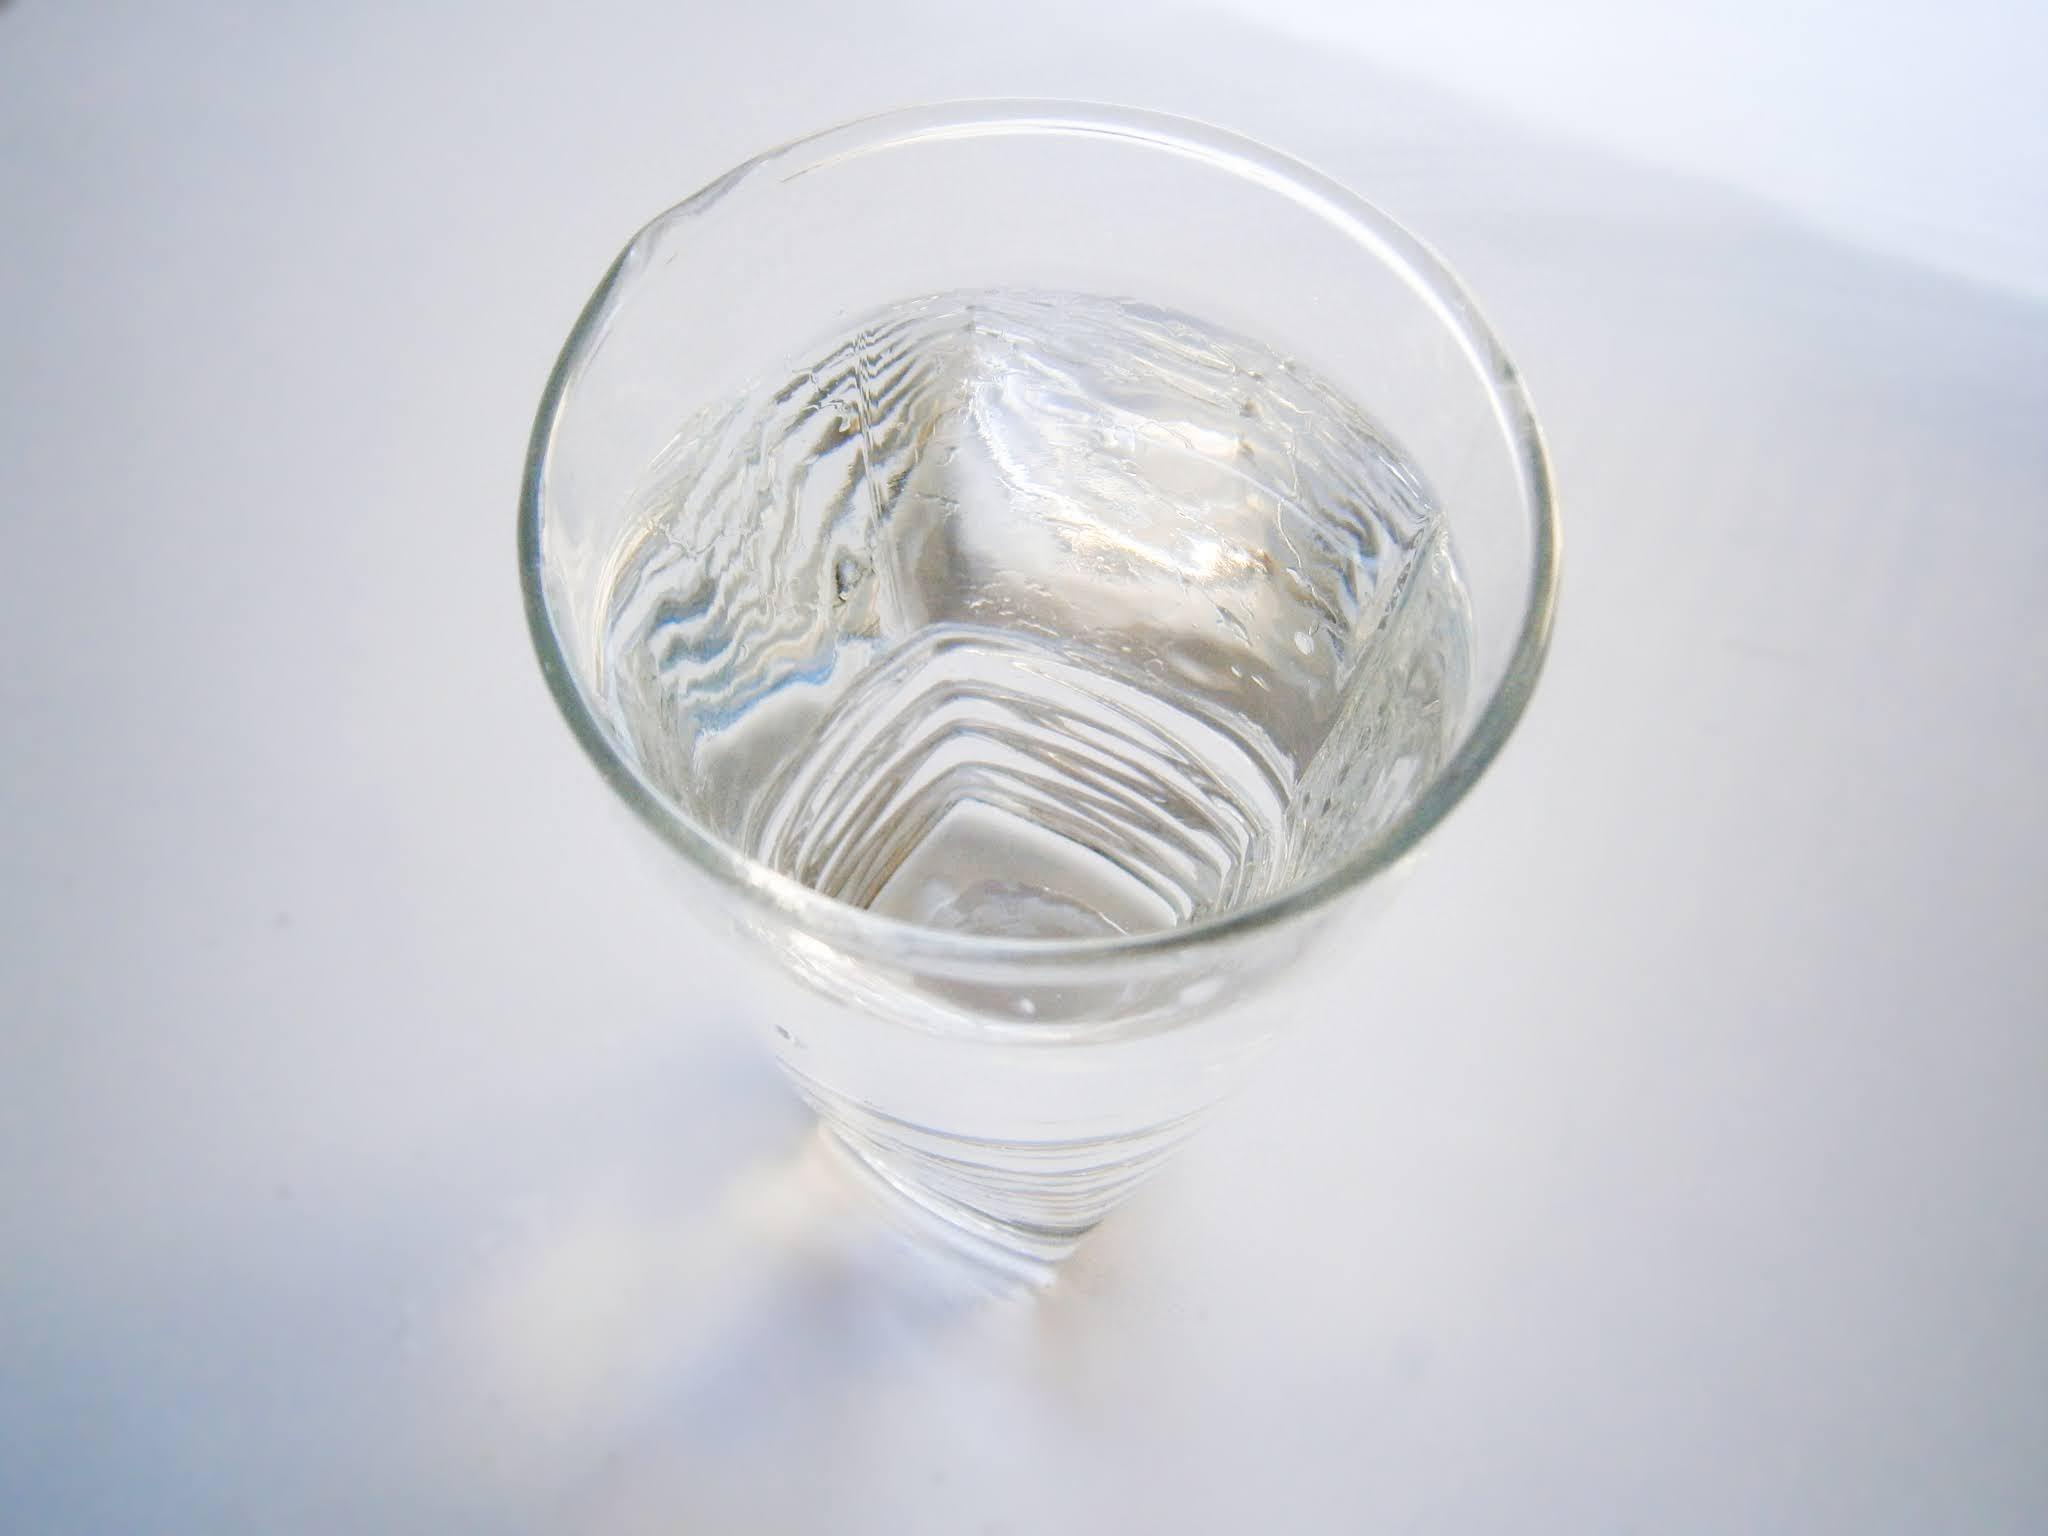 Vaso de agua servida y puesto sobre un fondo de color blanco